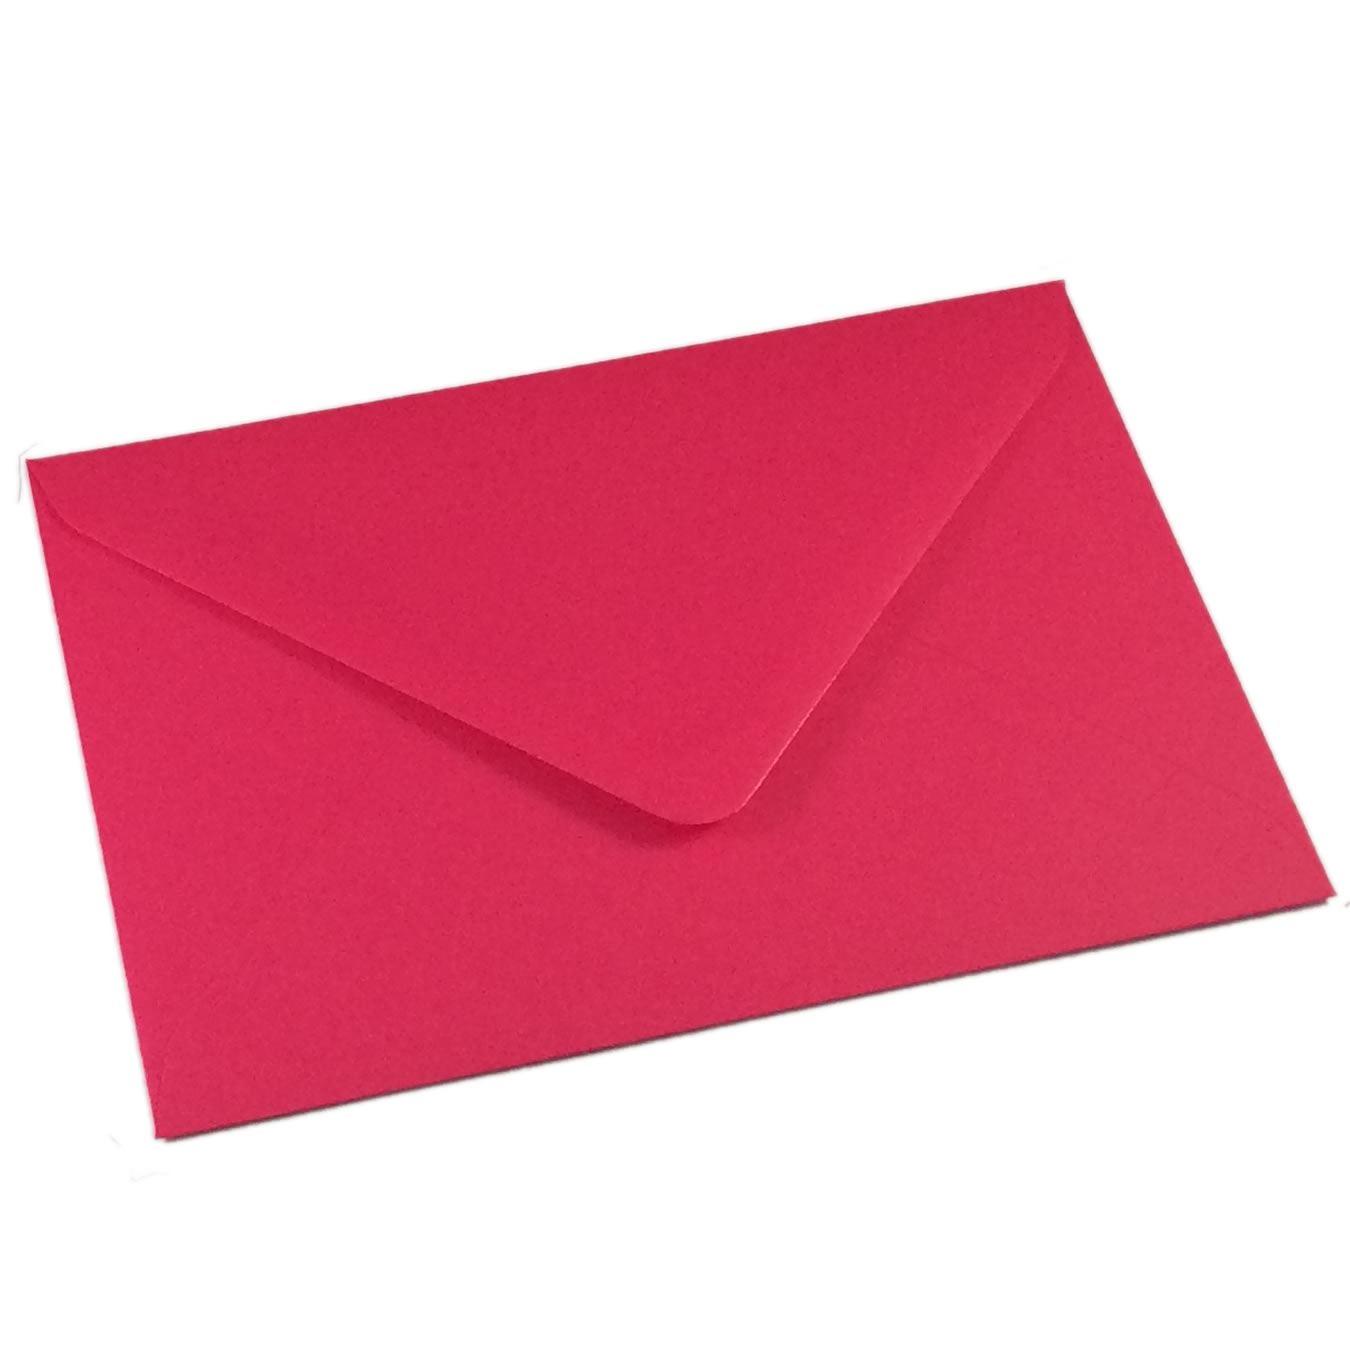 C6 fuschia pink